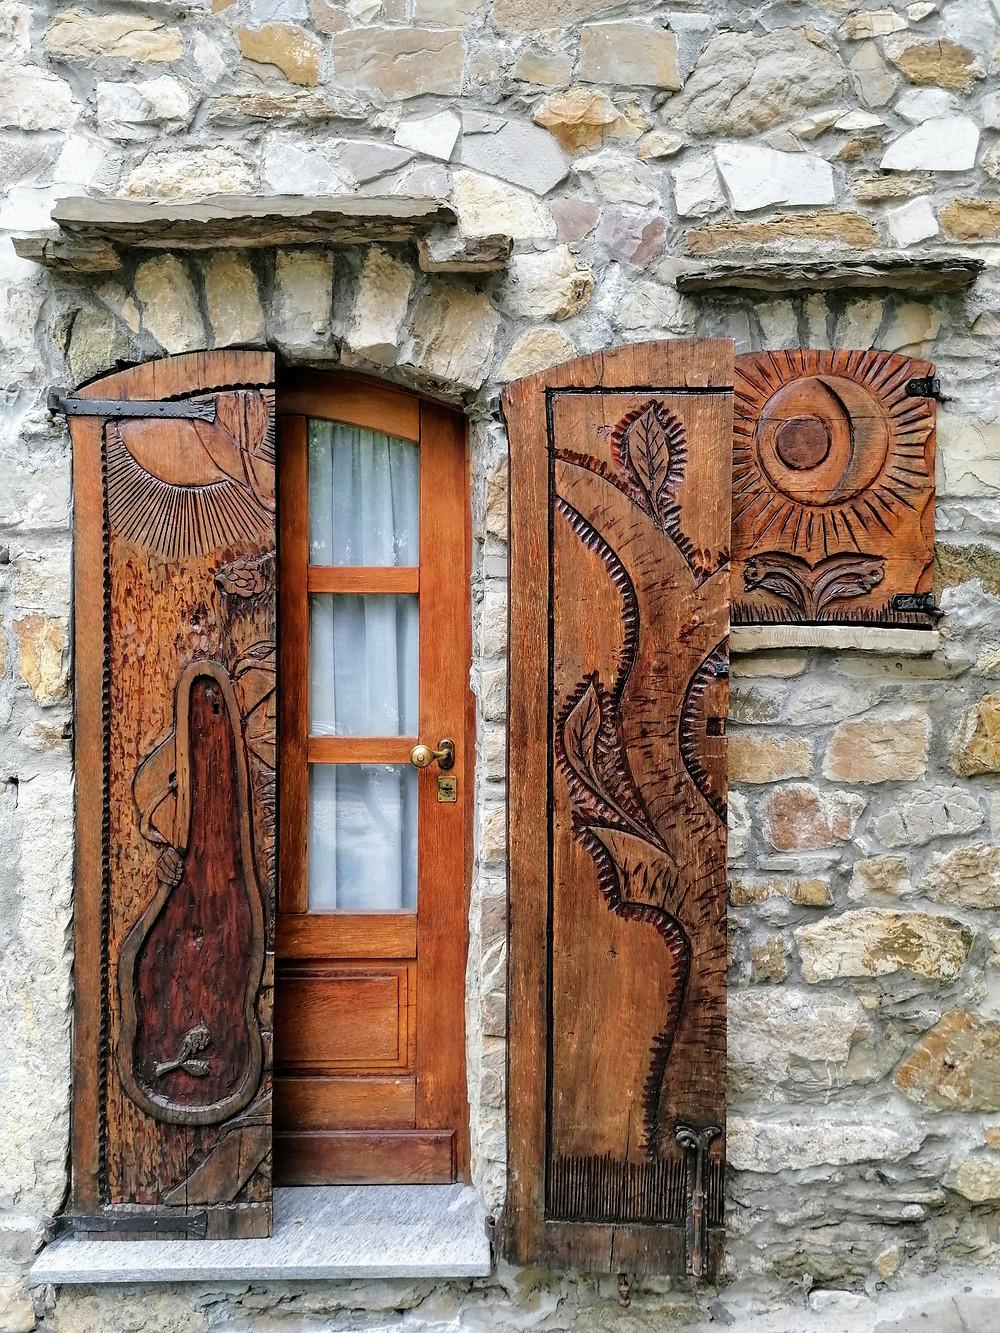 le porte e le finestre riccamente intarsiate di Brugnello,  appennino piacentino